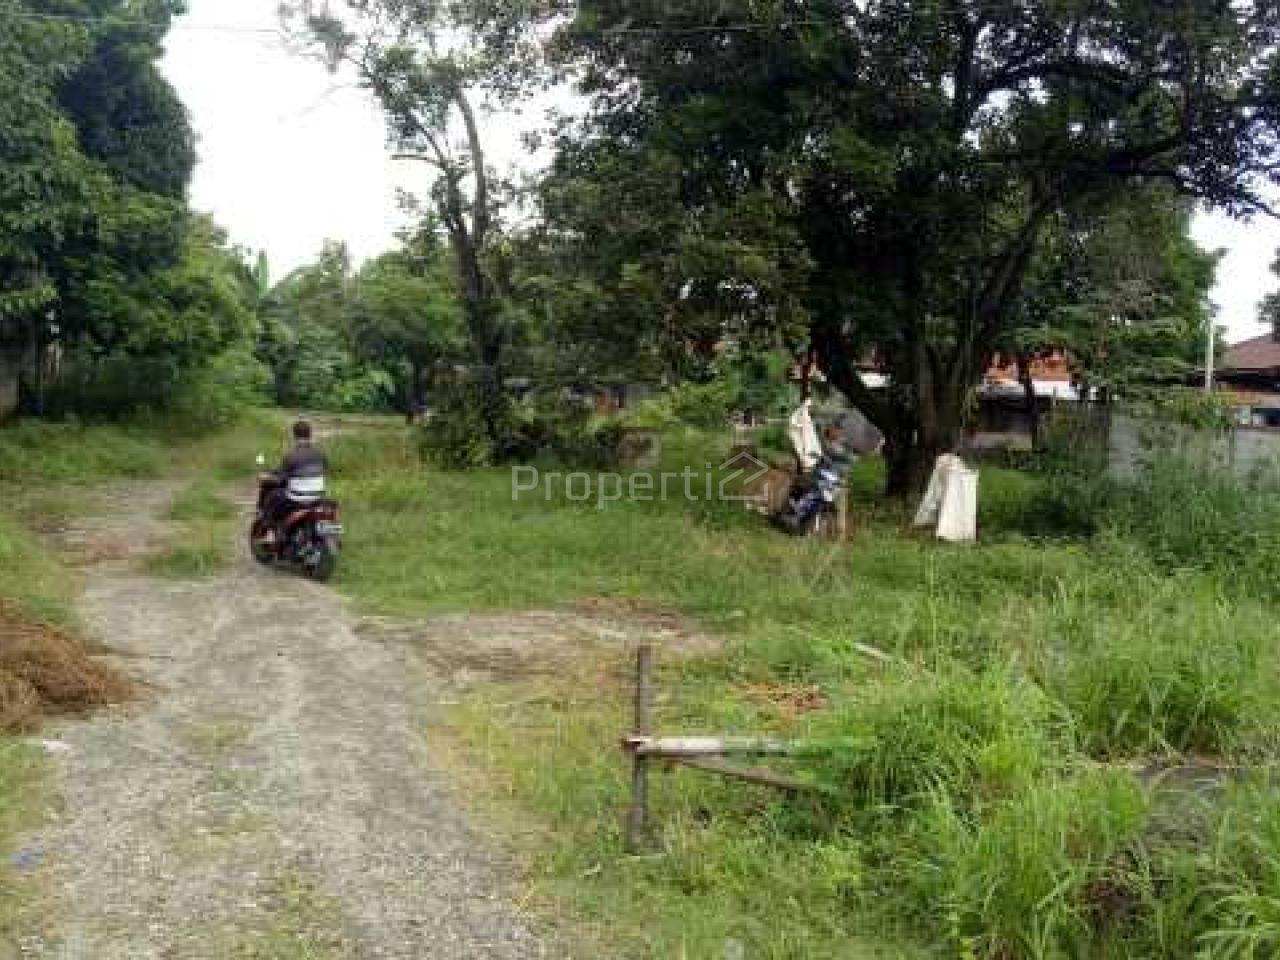 Lahan Investasi di Gunung Putri, Jawa Barat